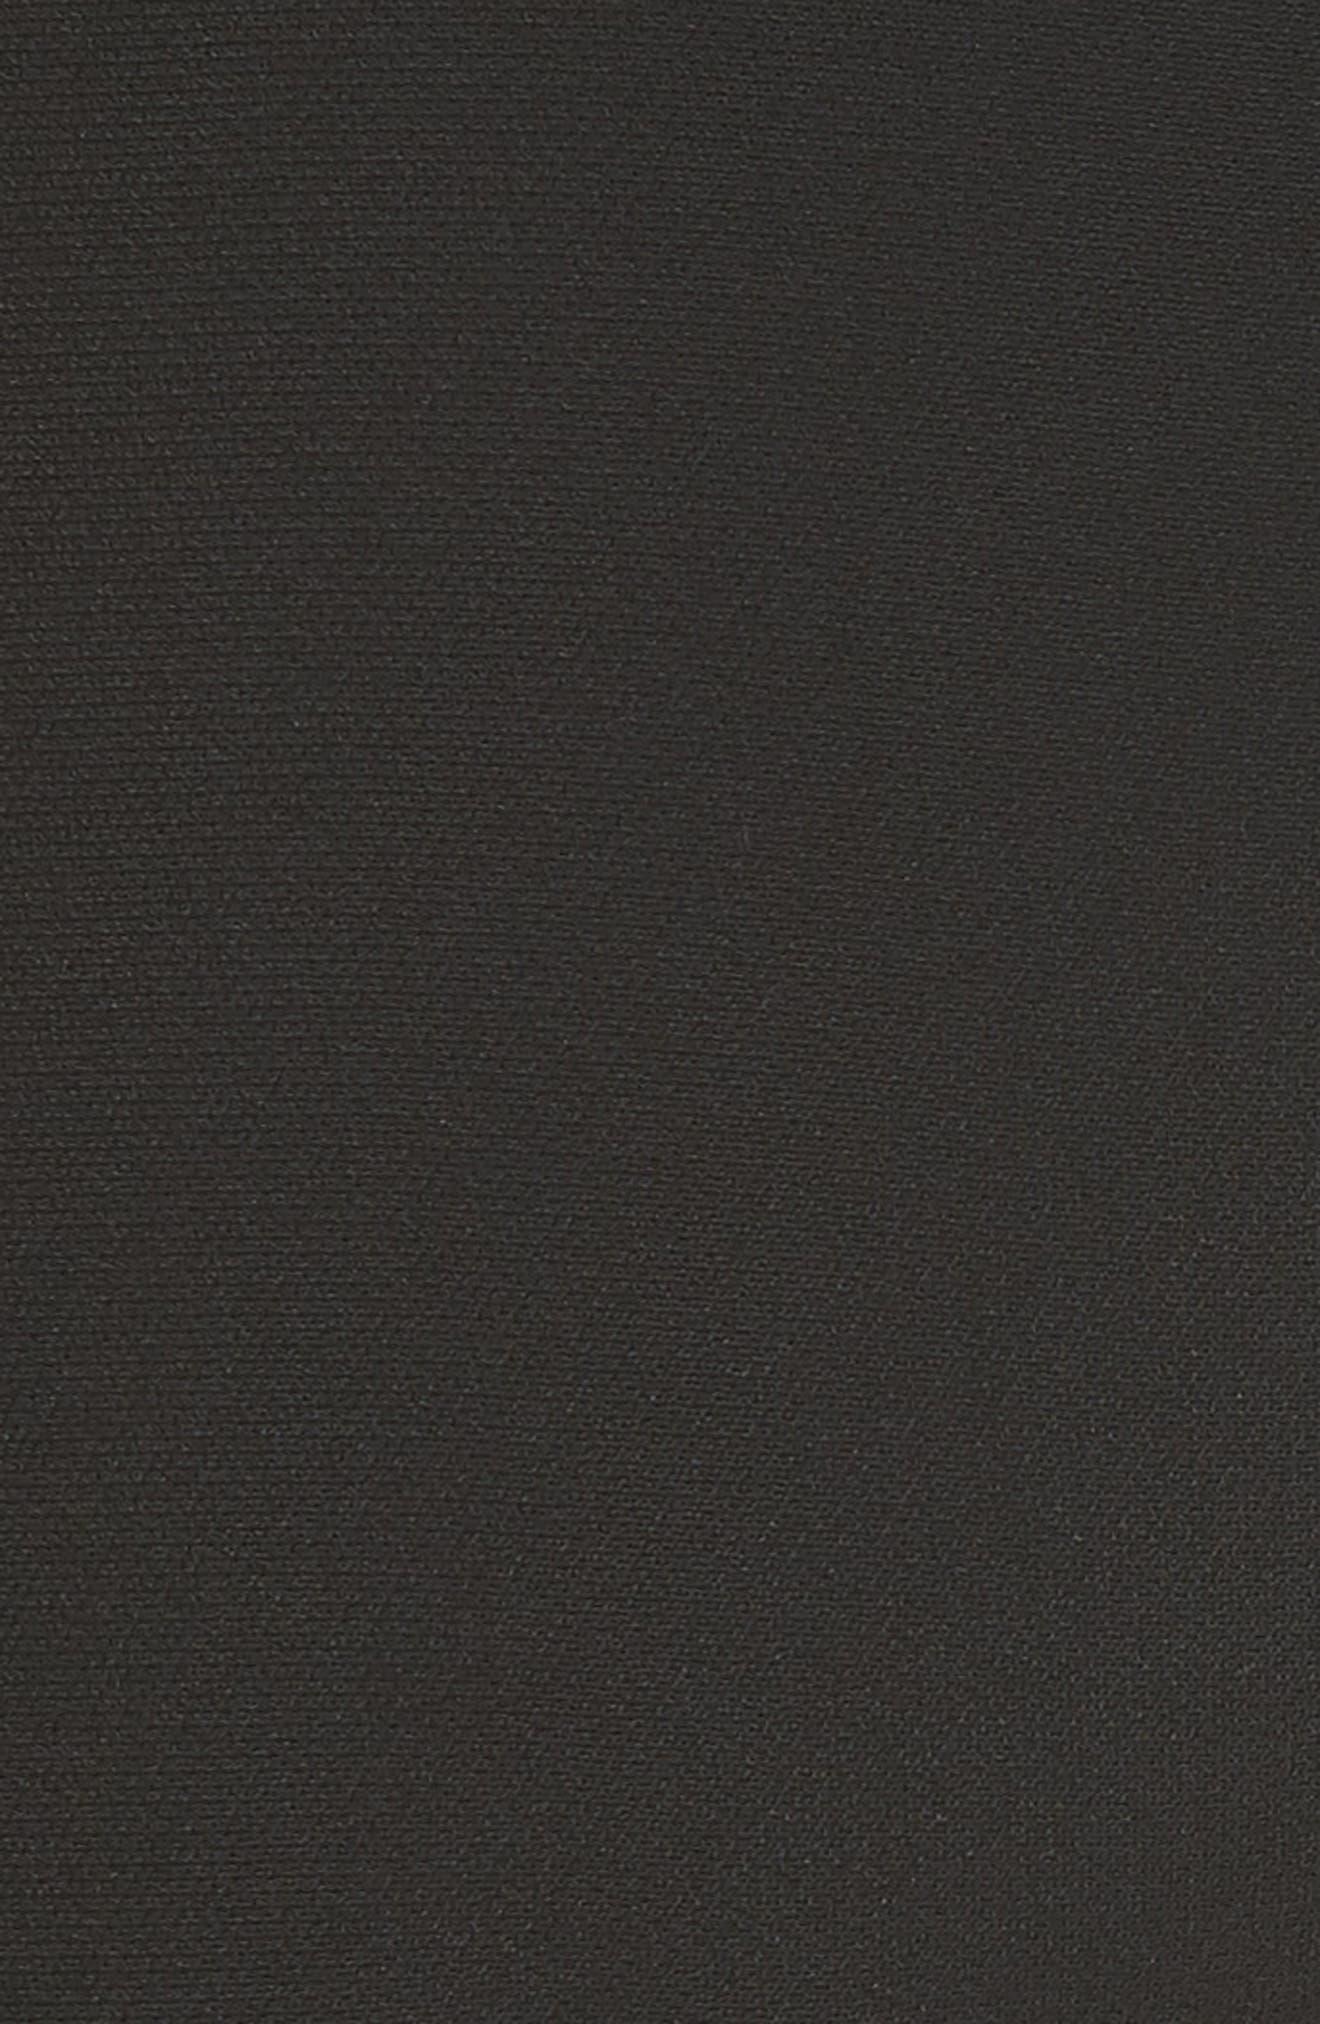 Stretch Crepe Cigarette Pants,                             Alternate thumbnail 5, color,                             BLACK